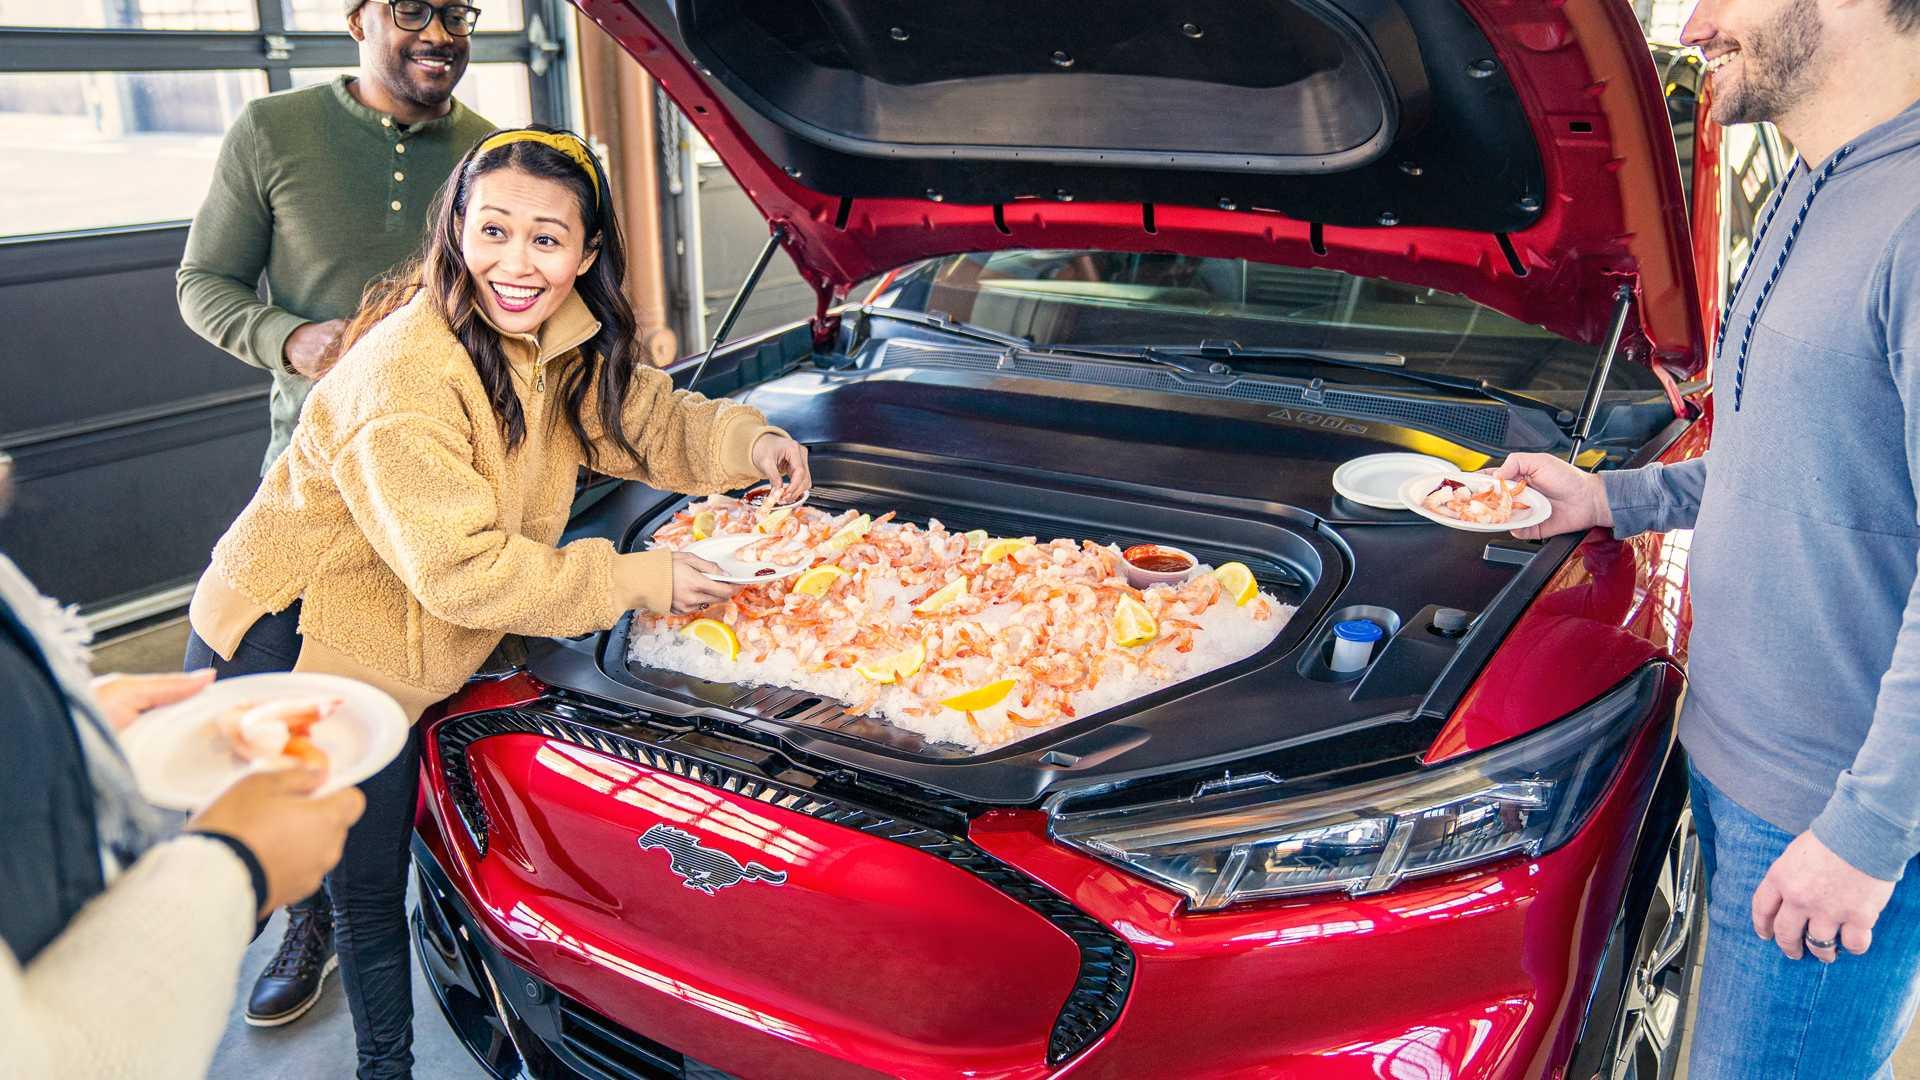 Из нового электрокроссовера Ford сделали холодильник на колесах 2